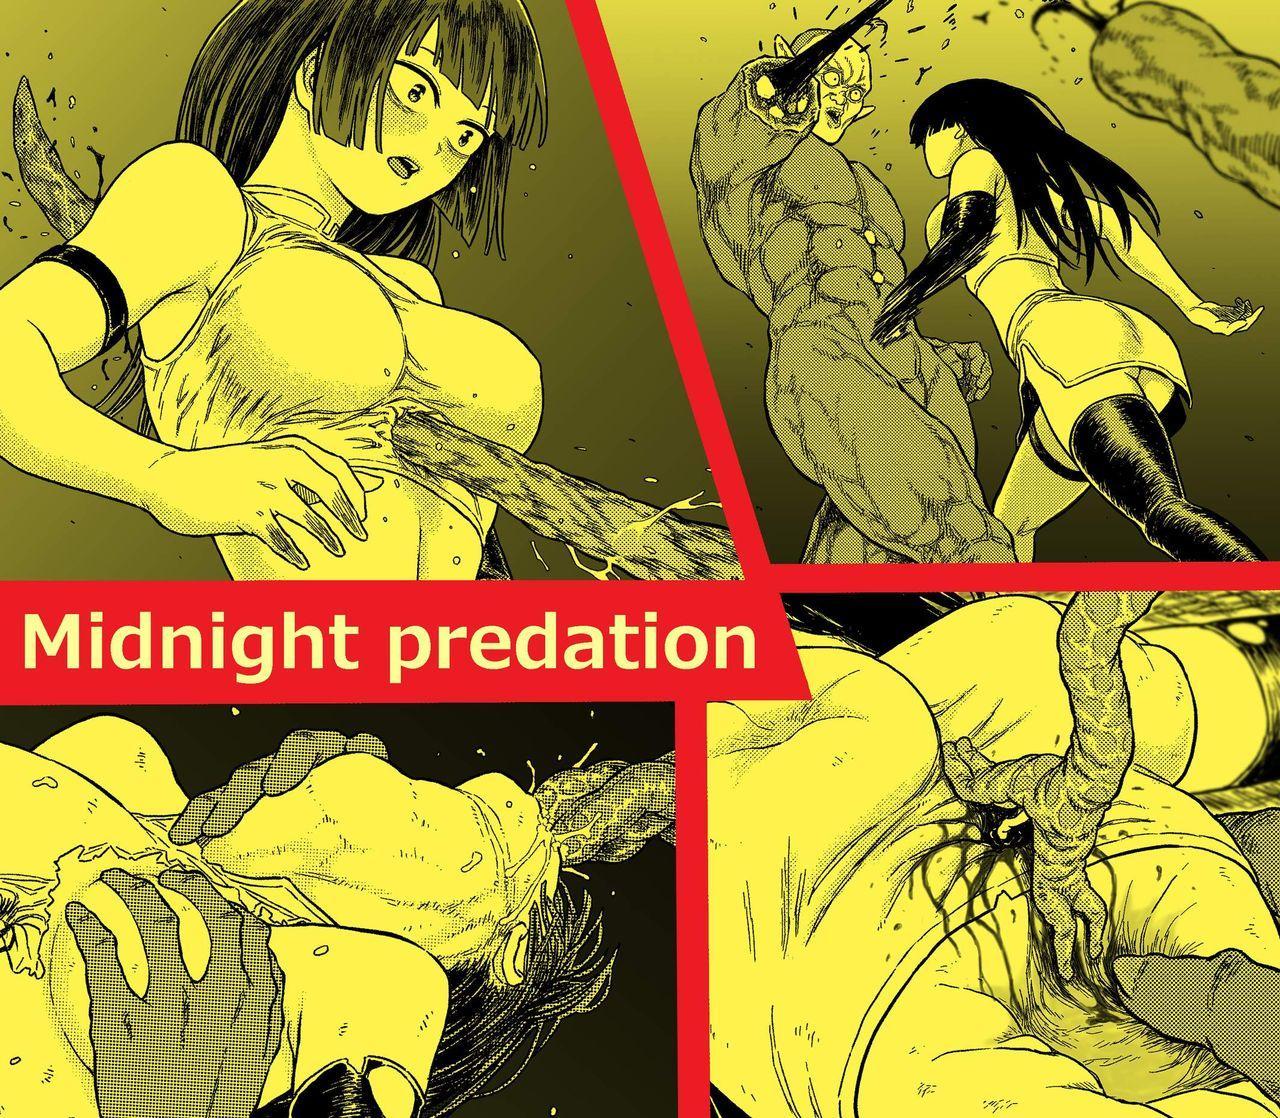 Midnight predation - Seigi no Heroine, Esa ni Naru 0